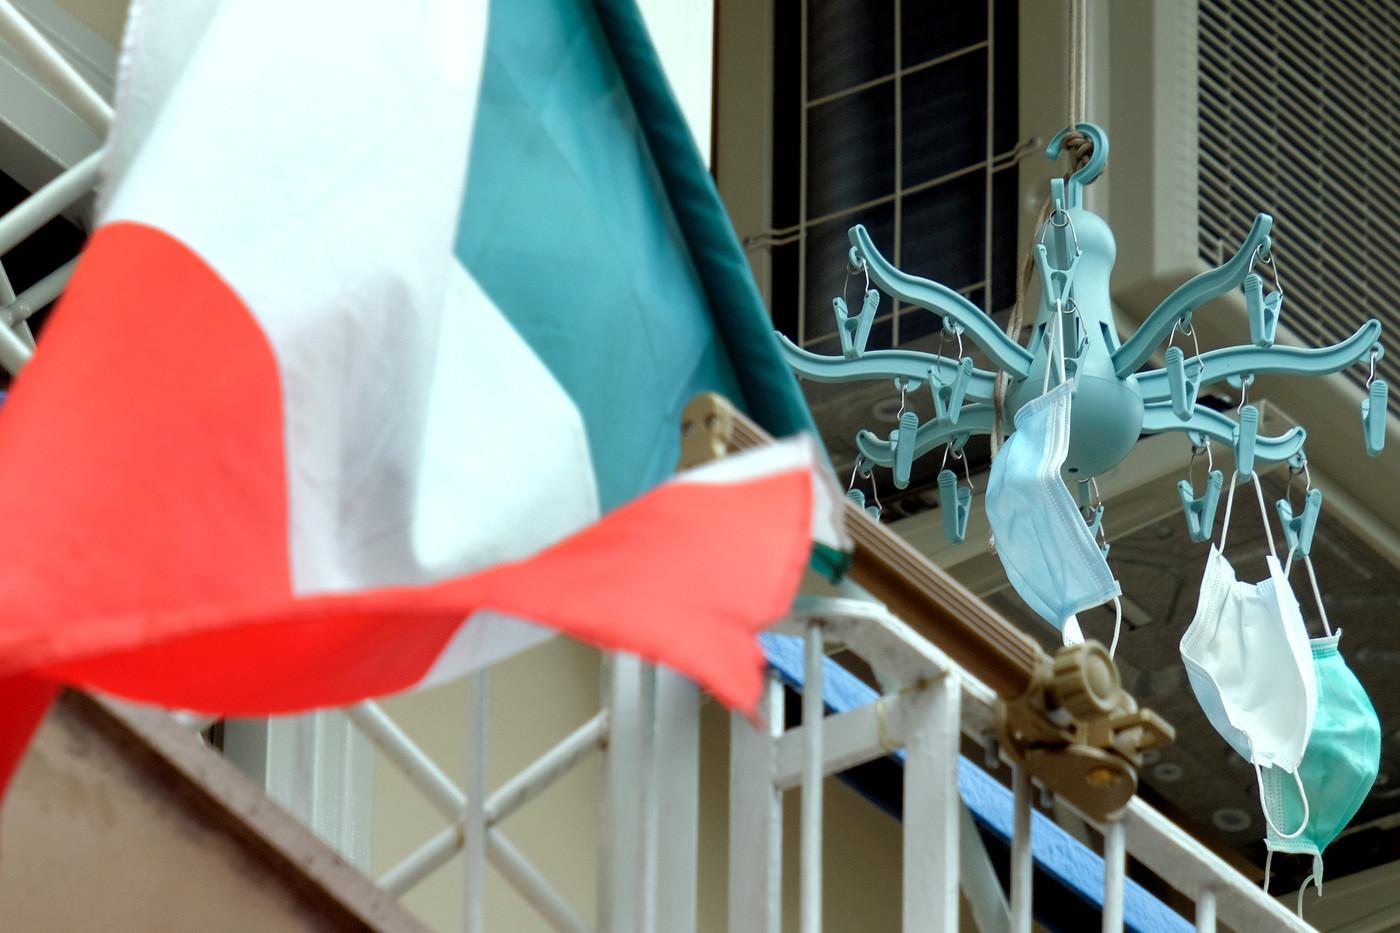 Il 25 aprile ai tempi del coronavirus: tricolore e 'Bella ciao' dal balcone